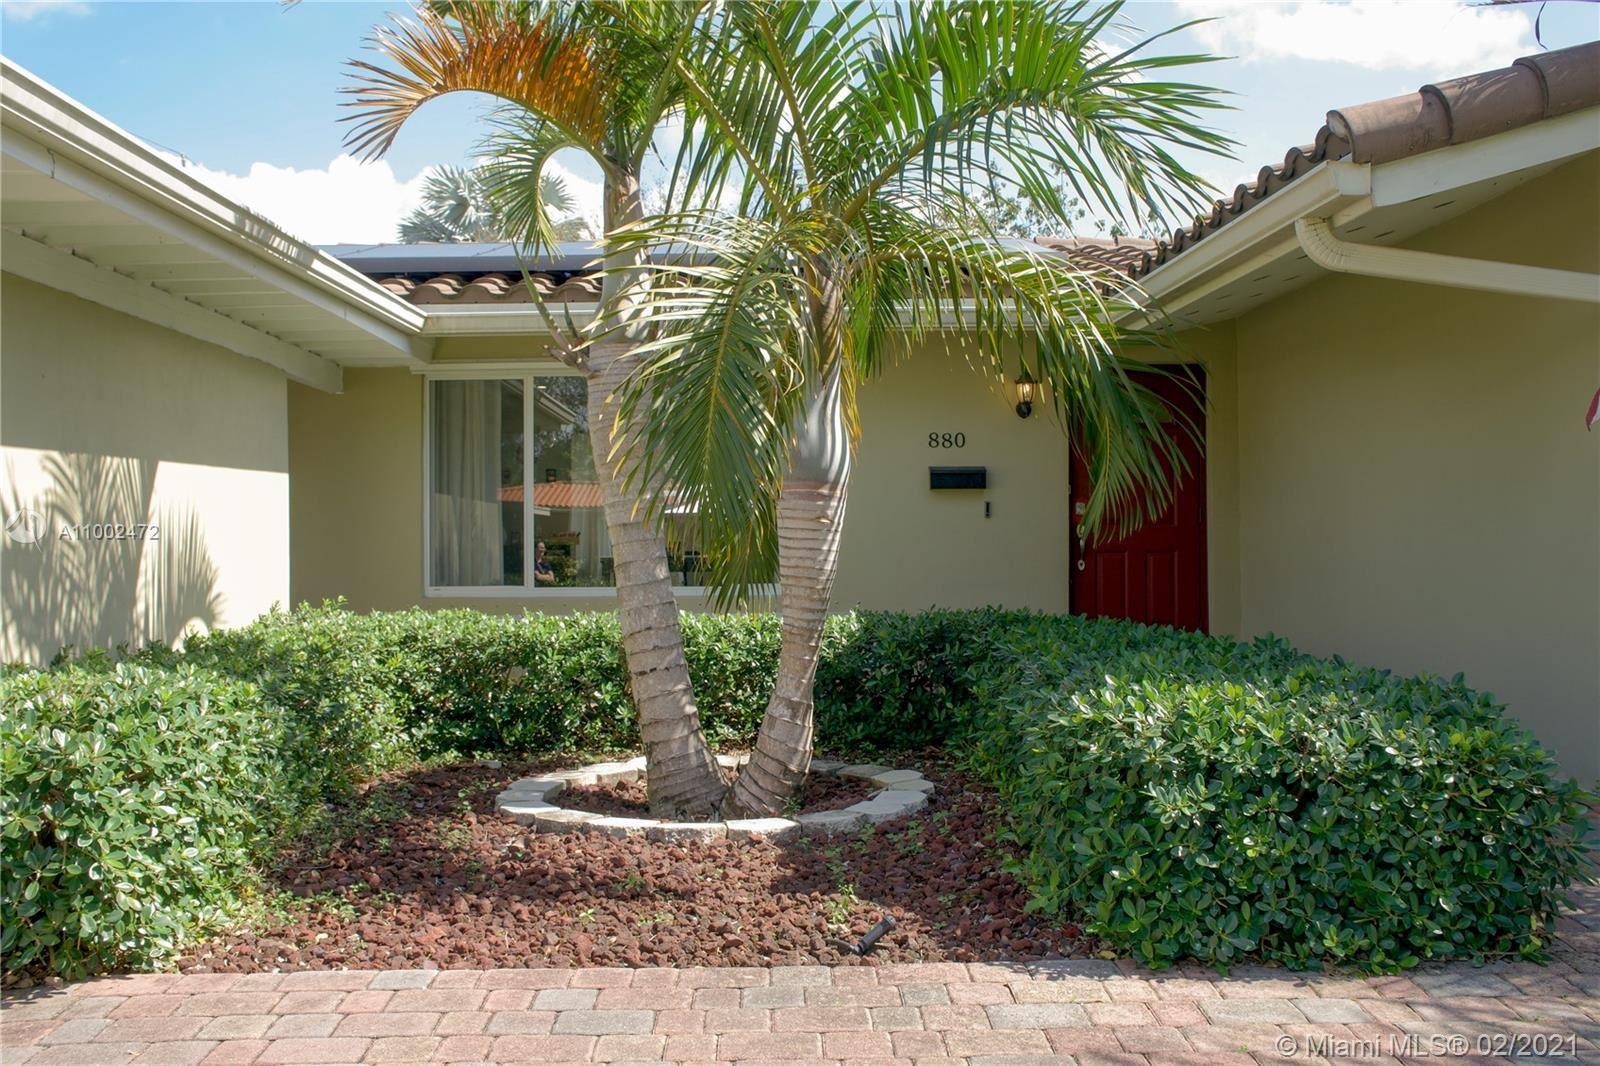 Photo of 880 Oleander Dr, Plantation, FL 33317 (MLS # A11002472)